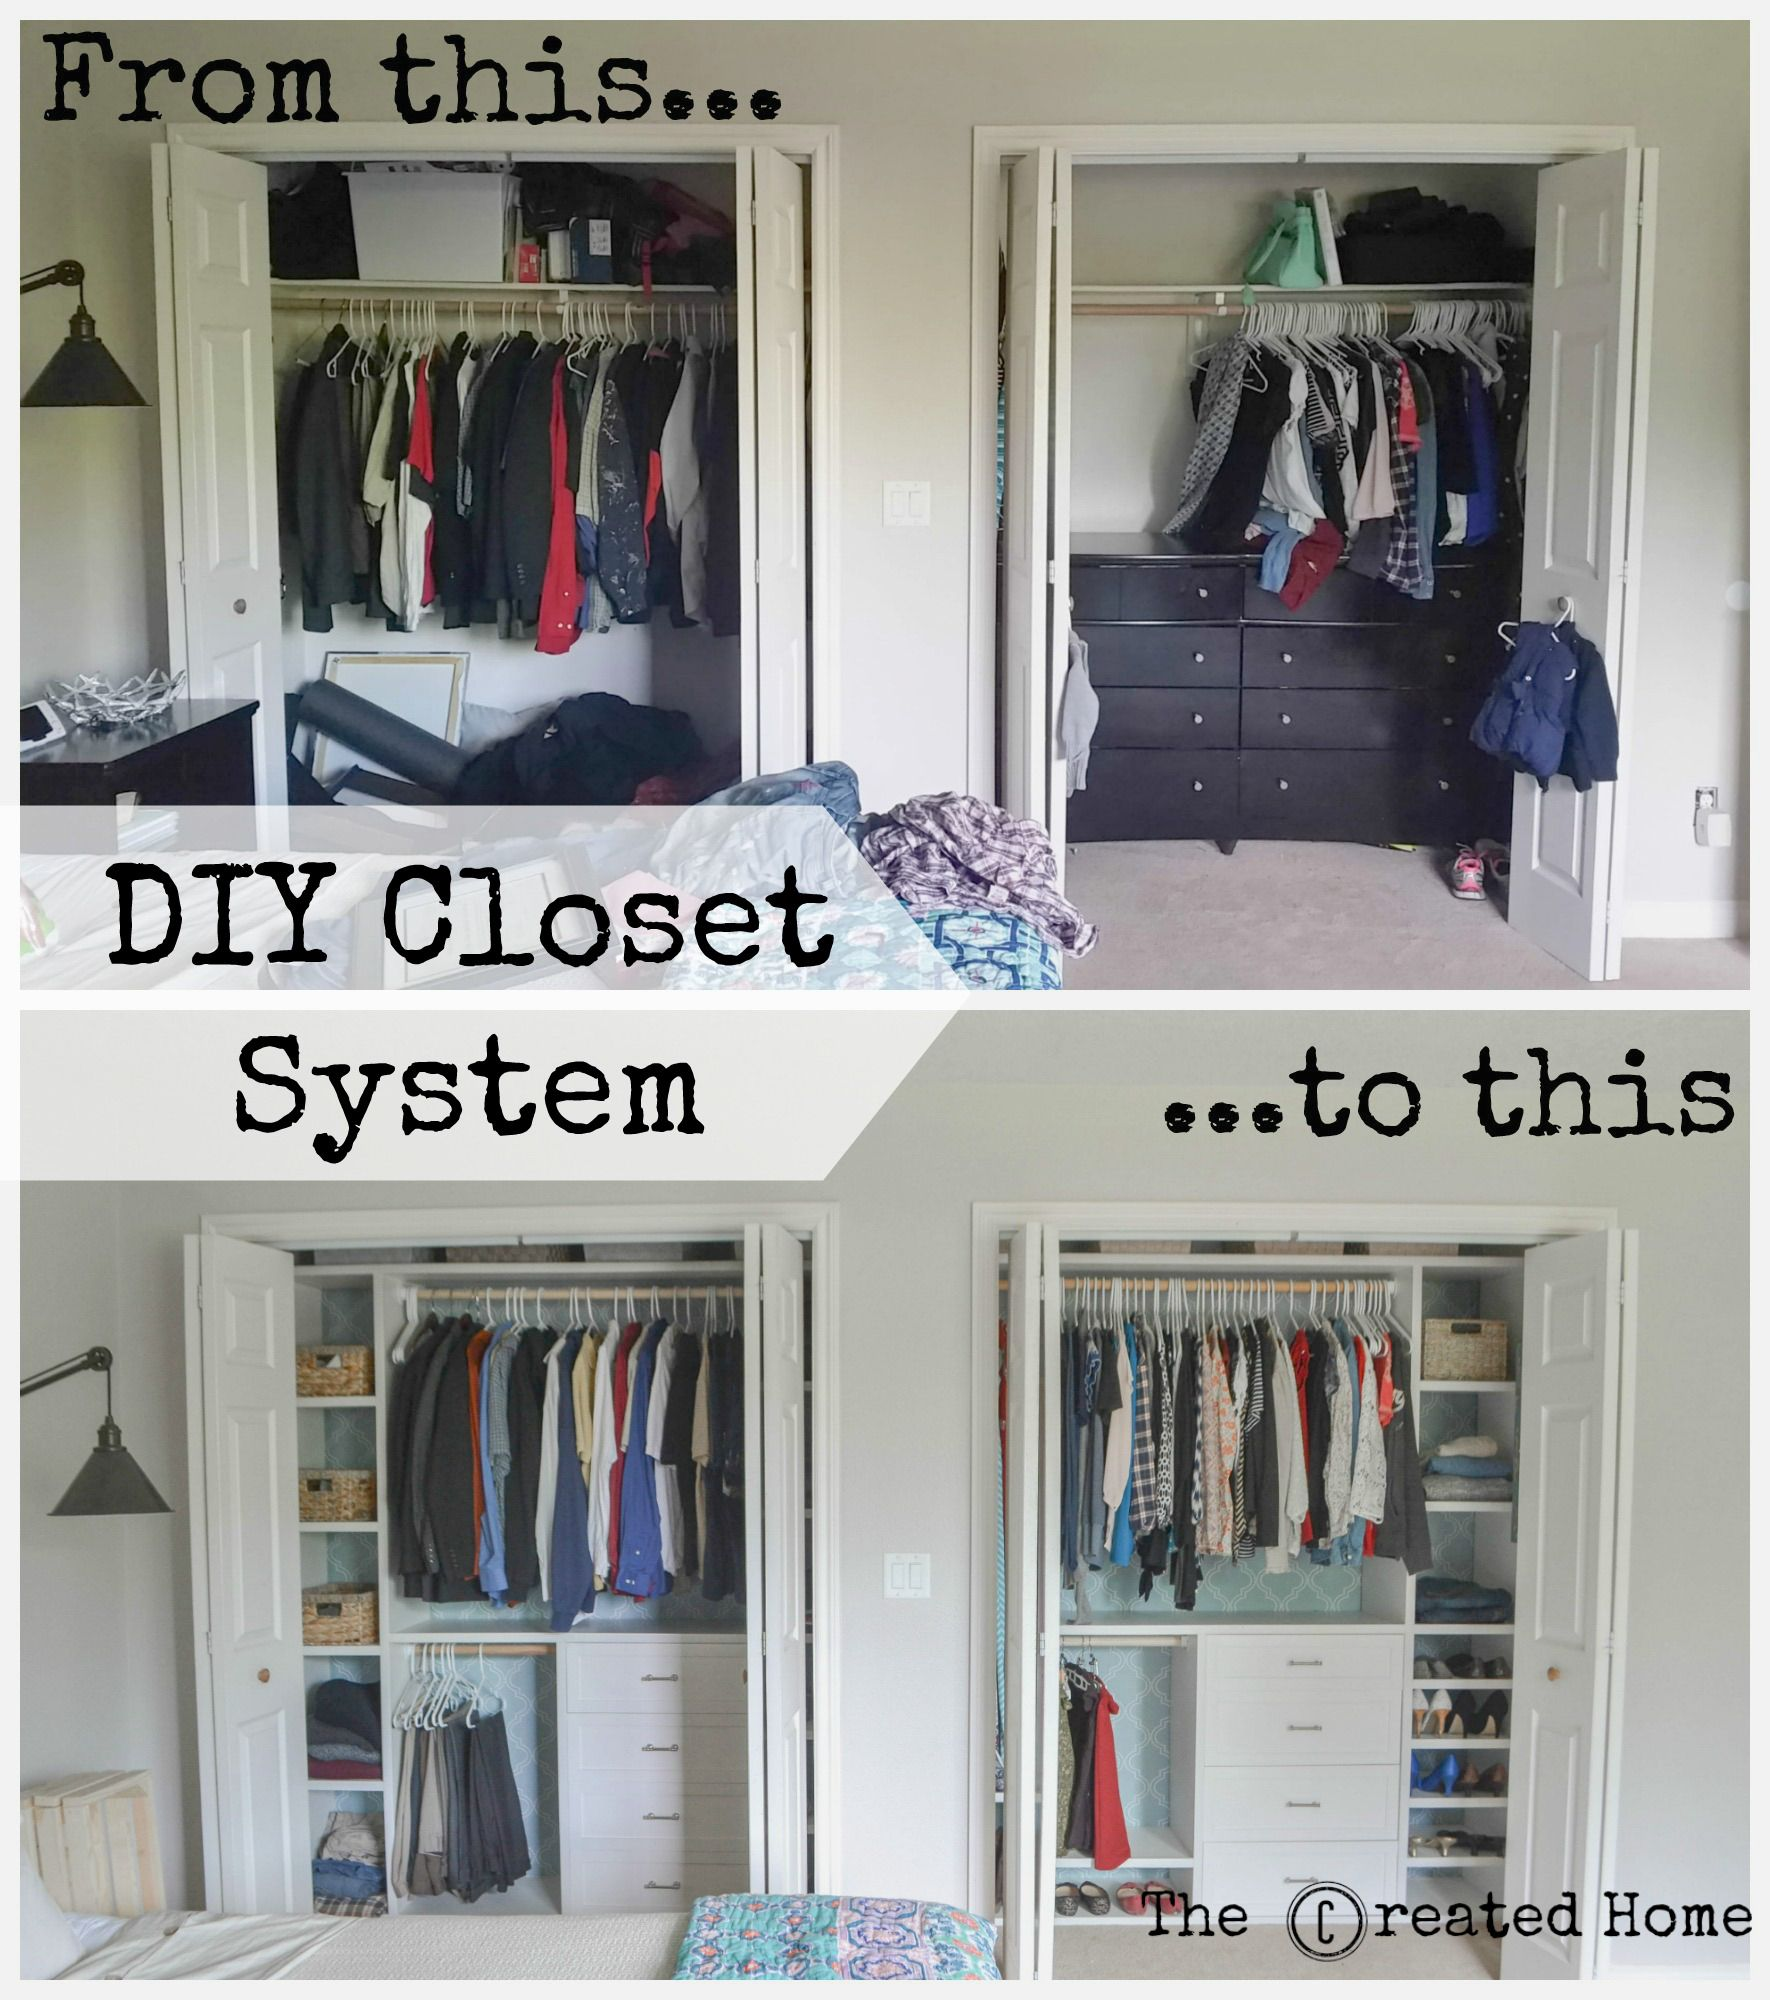 How To Build A Quality Diy Closet System For Any Size Closet